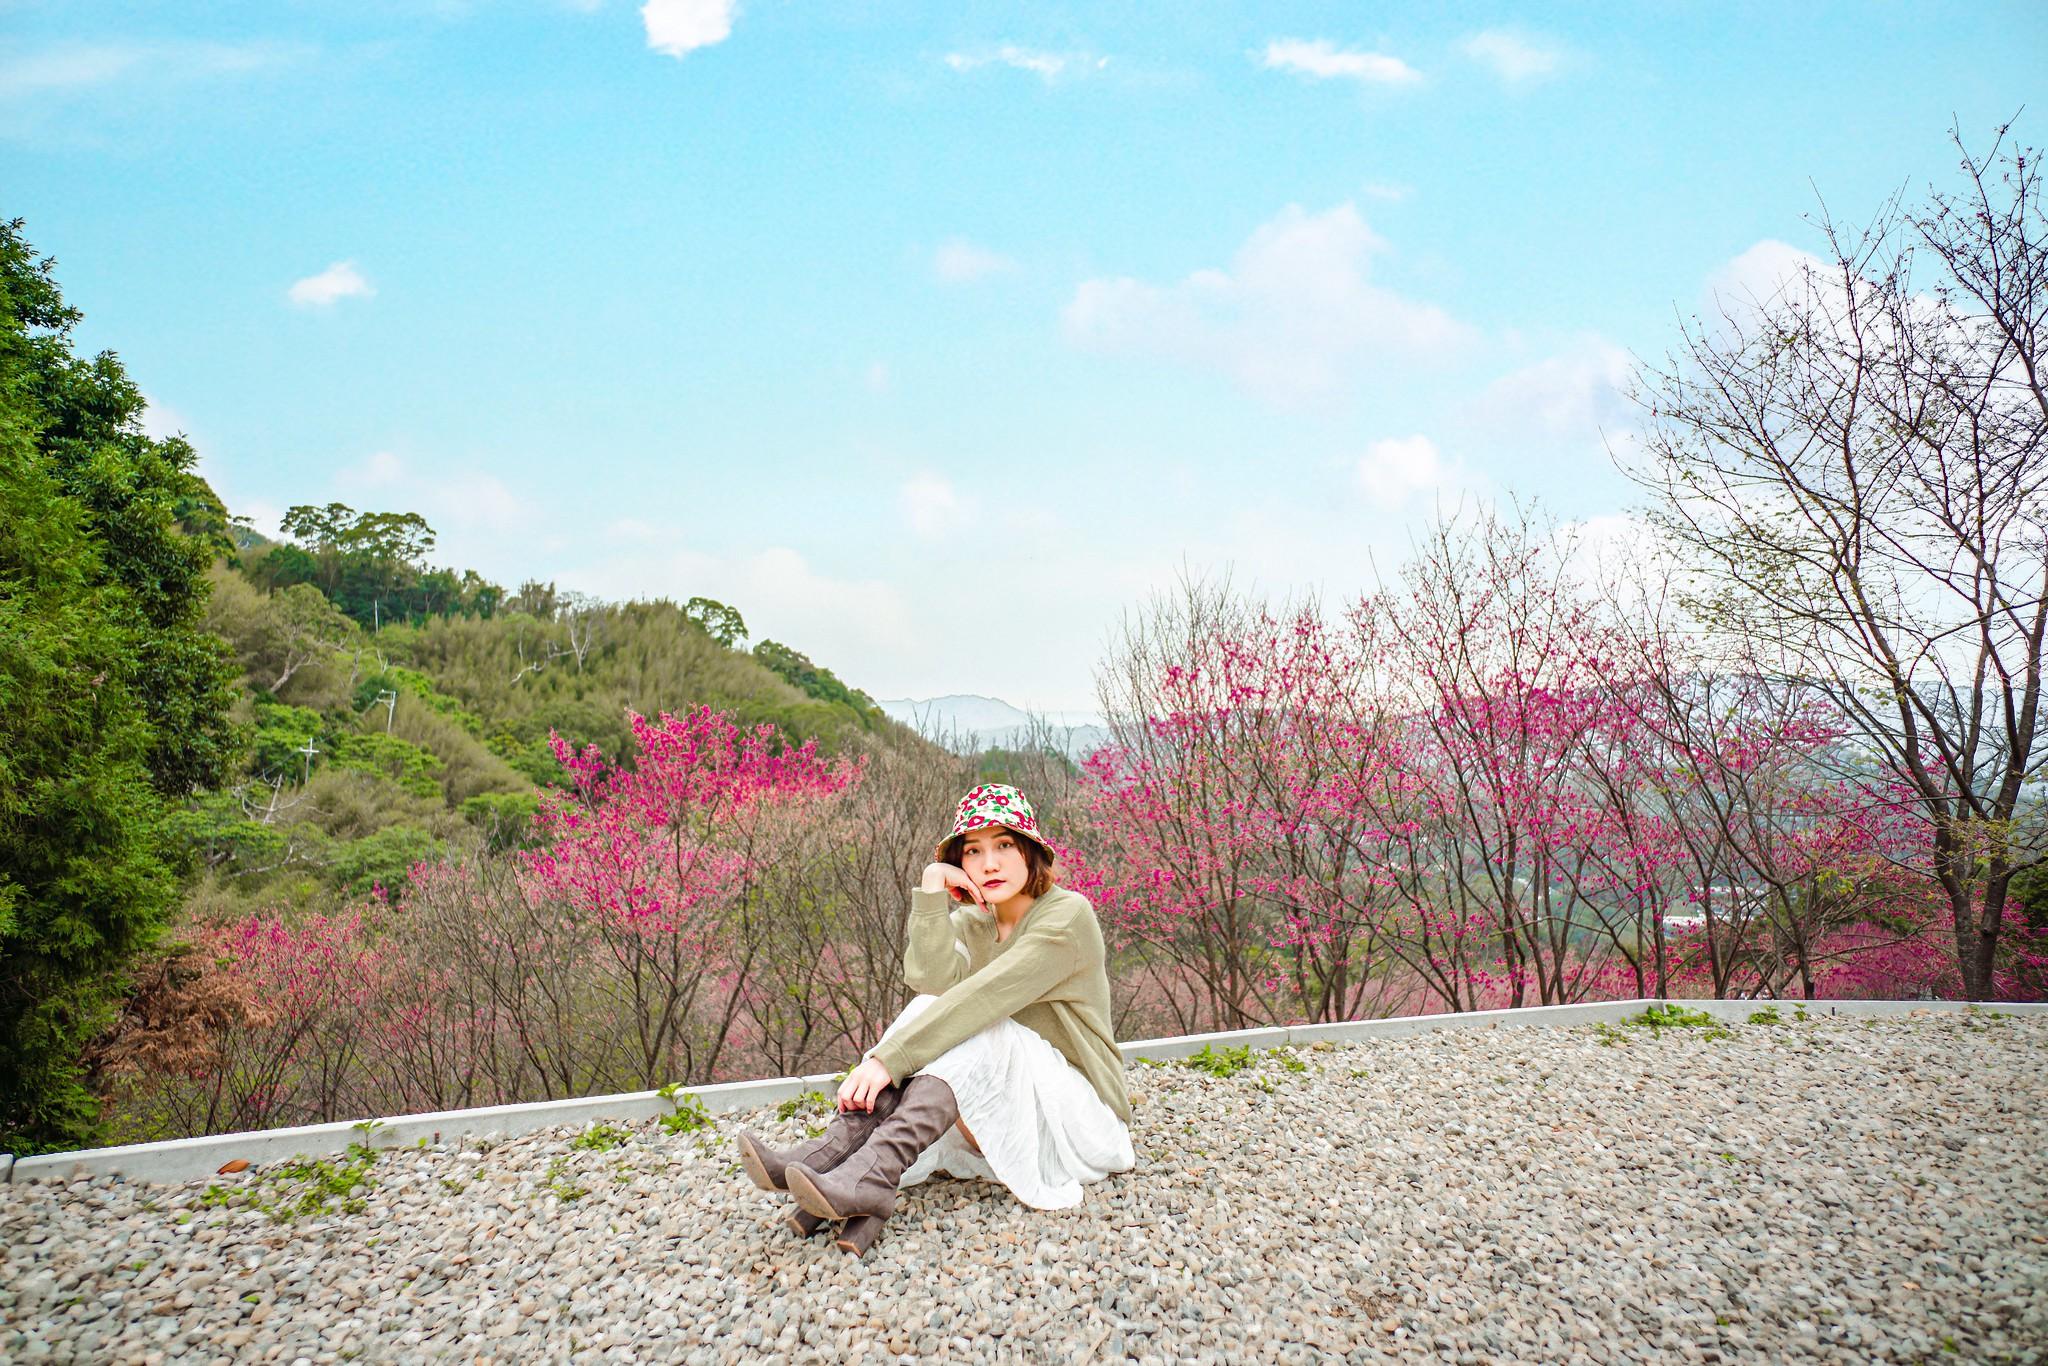 翠墨莊園 | 山中櫻花秘境。沐浴櫻花林中 翠墨莊園怎麼去?